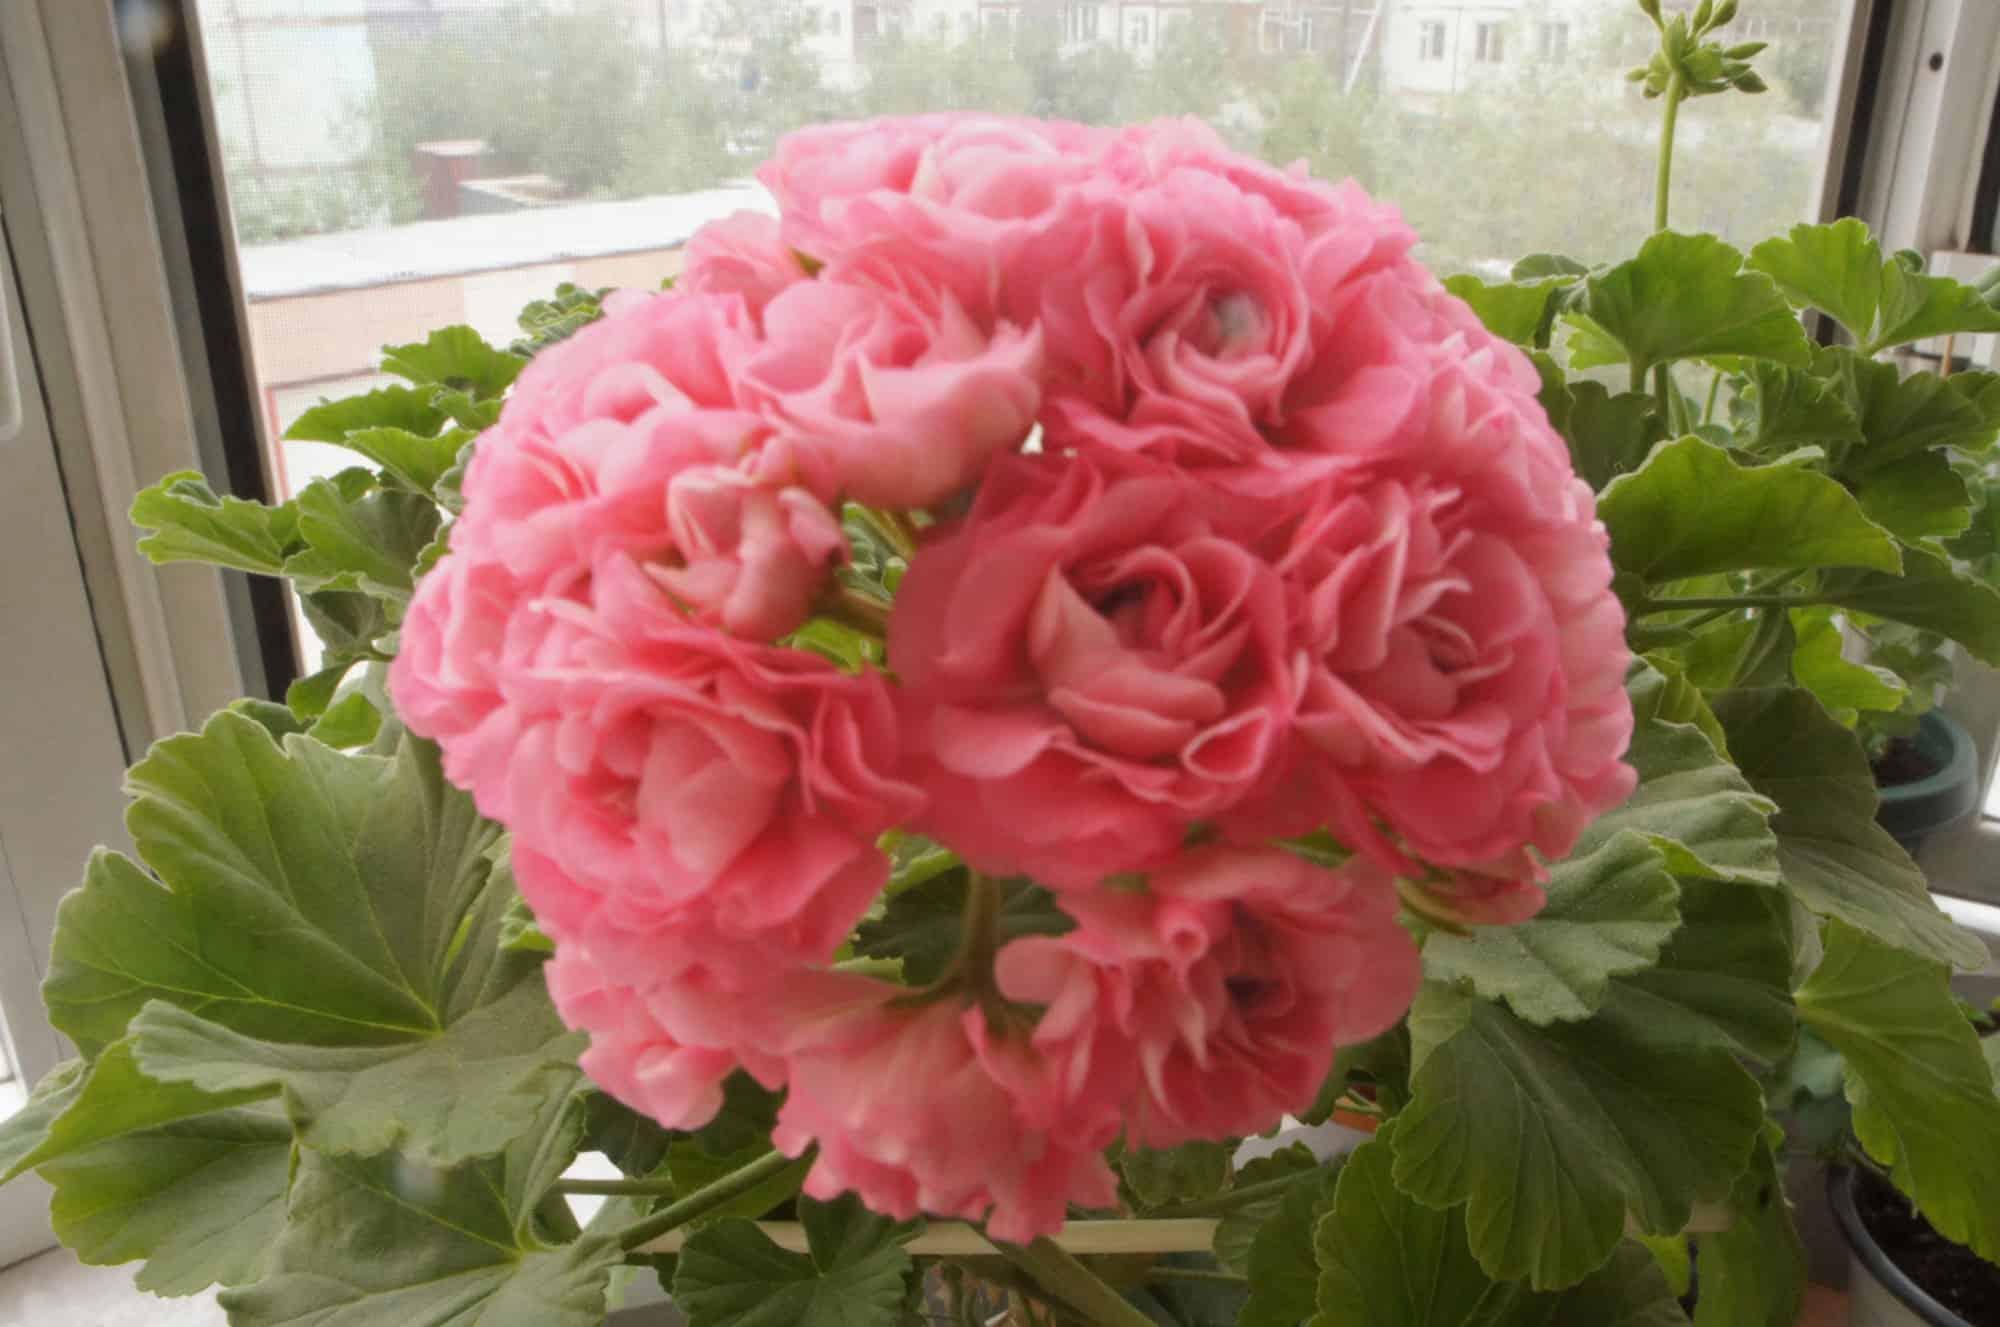 Как выращивать герань розебудную дома и в саду? описание цветка и его популярных сортов